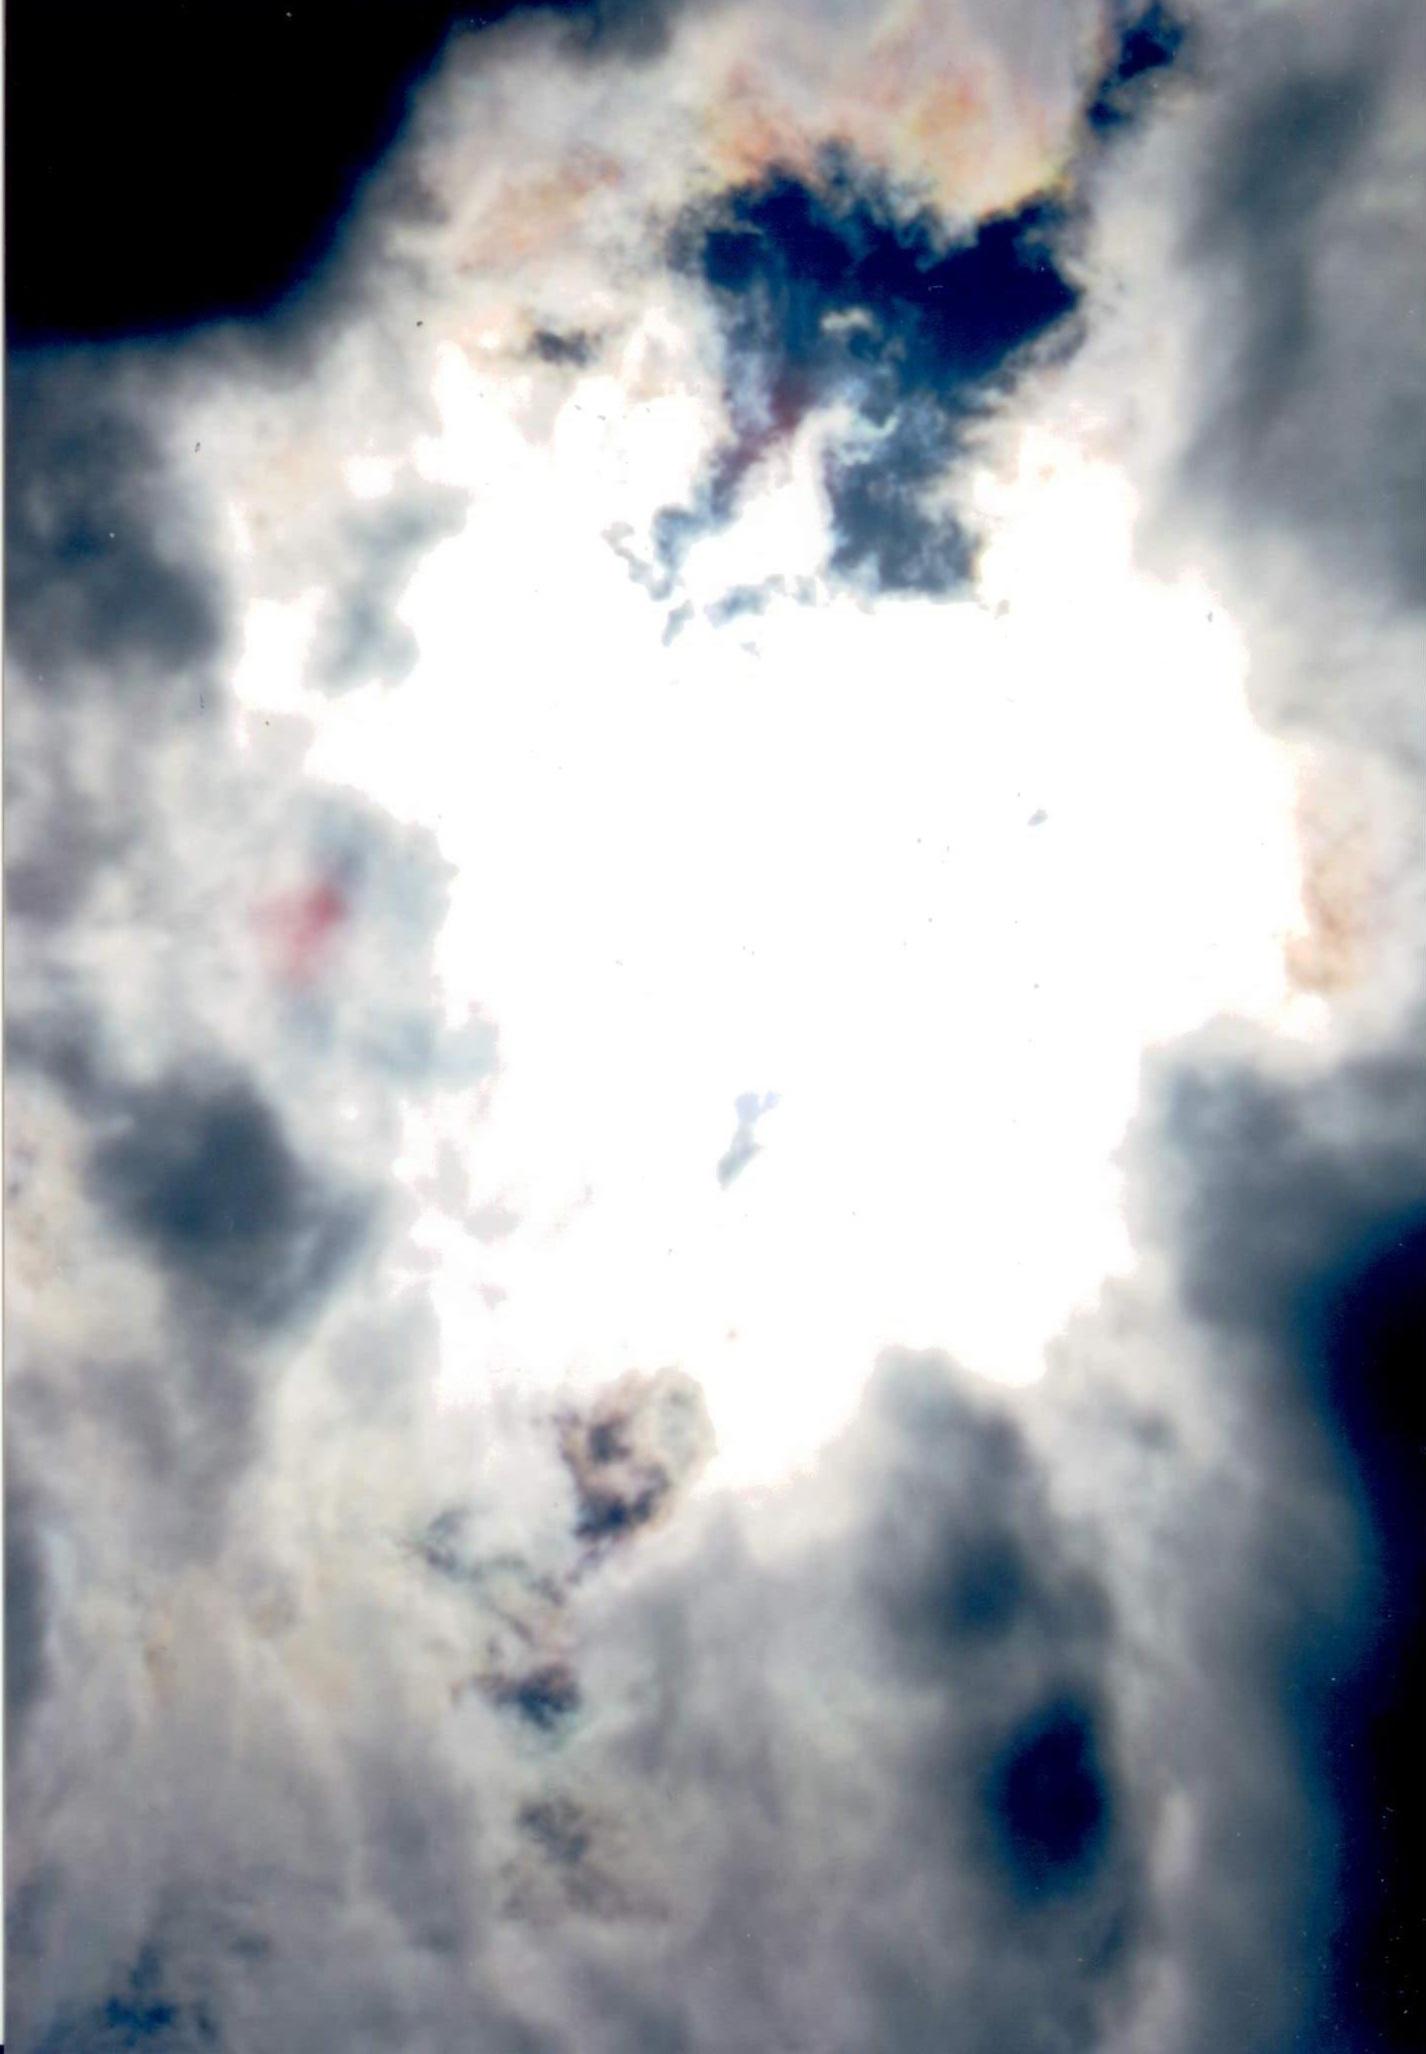 In questa foto ci sono spiriti che bloccano i giovani per incontrare il loro amore. Ci sono persone che cercano aiuto e con i soldi pagano qualcuno per incontrano il loro amore. Poi ci sono persone che odiano DIO UNIVERSALE che non ci è dato un buono destino. Altre persone si dedicano alla compagnia degli animali. Questo problema viene dalla invidia spirituale dovete pregare, con la preghiera si vince contro lo spiritismo carbonico.